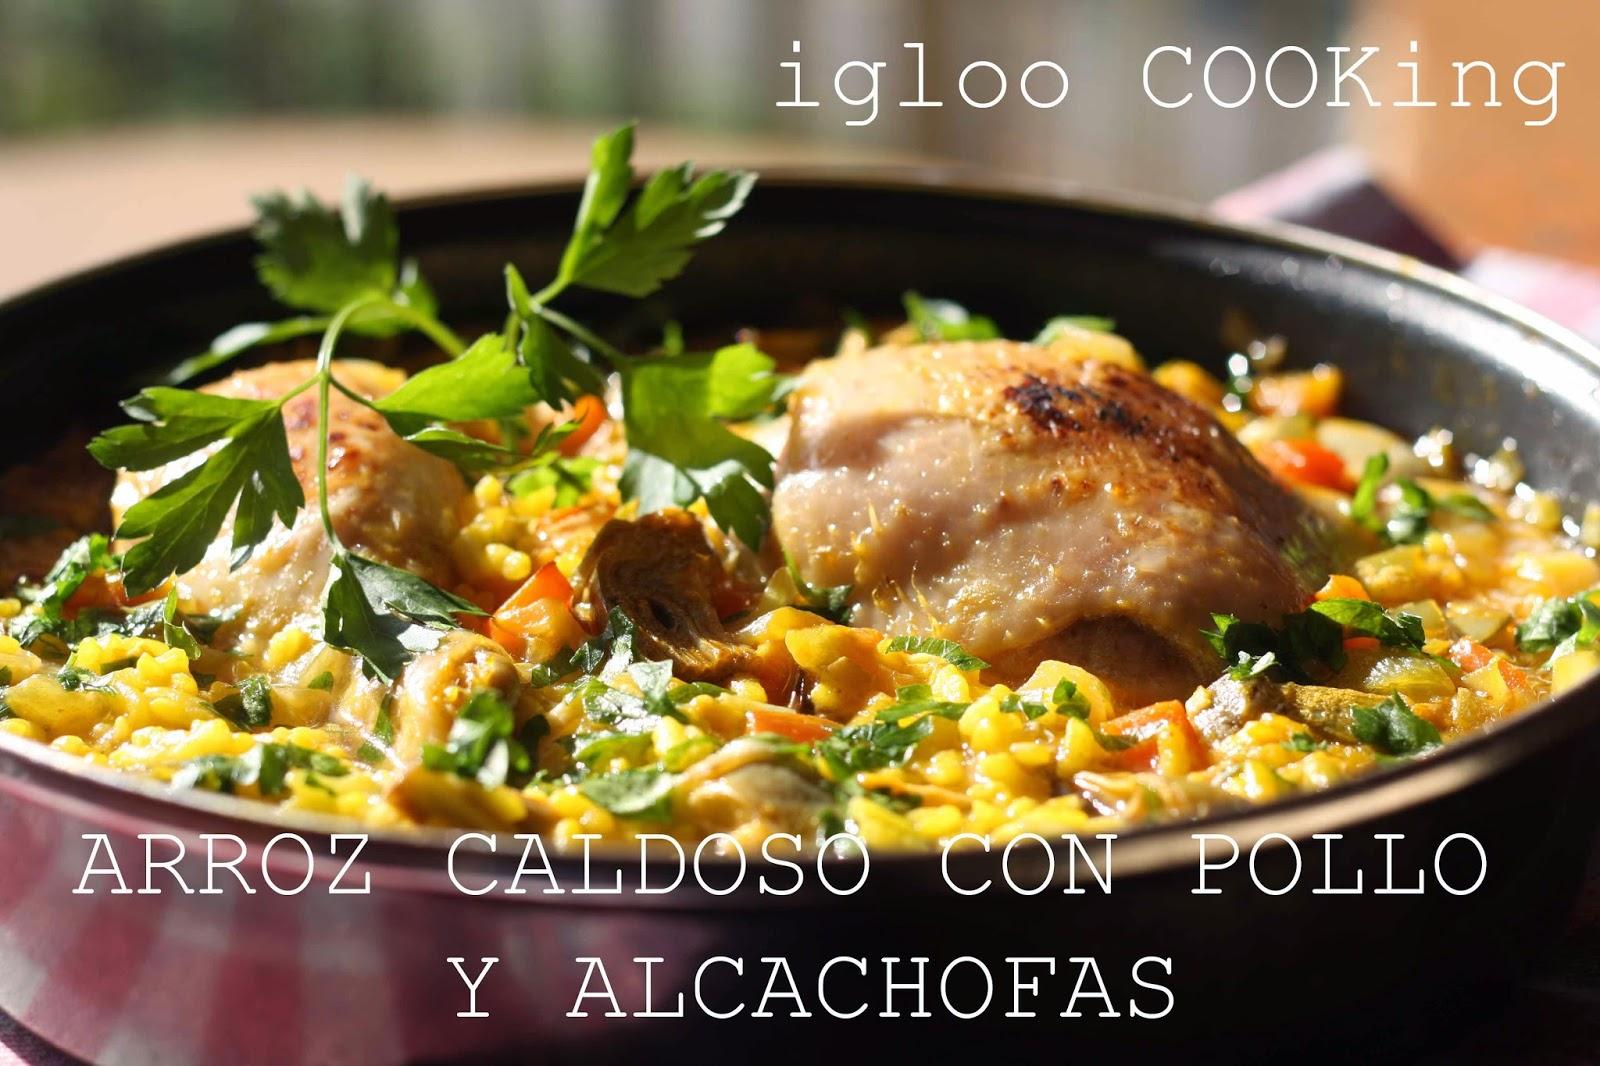 Igloo cooking arroz caldoso con pollo y alcachofas - Arroz caldoso con costillas y alcachofas ...